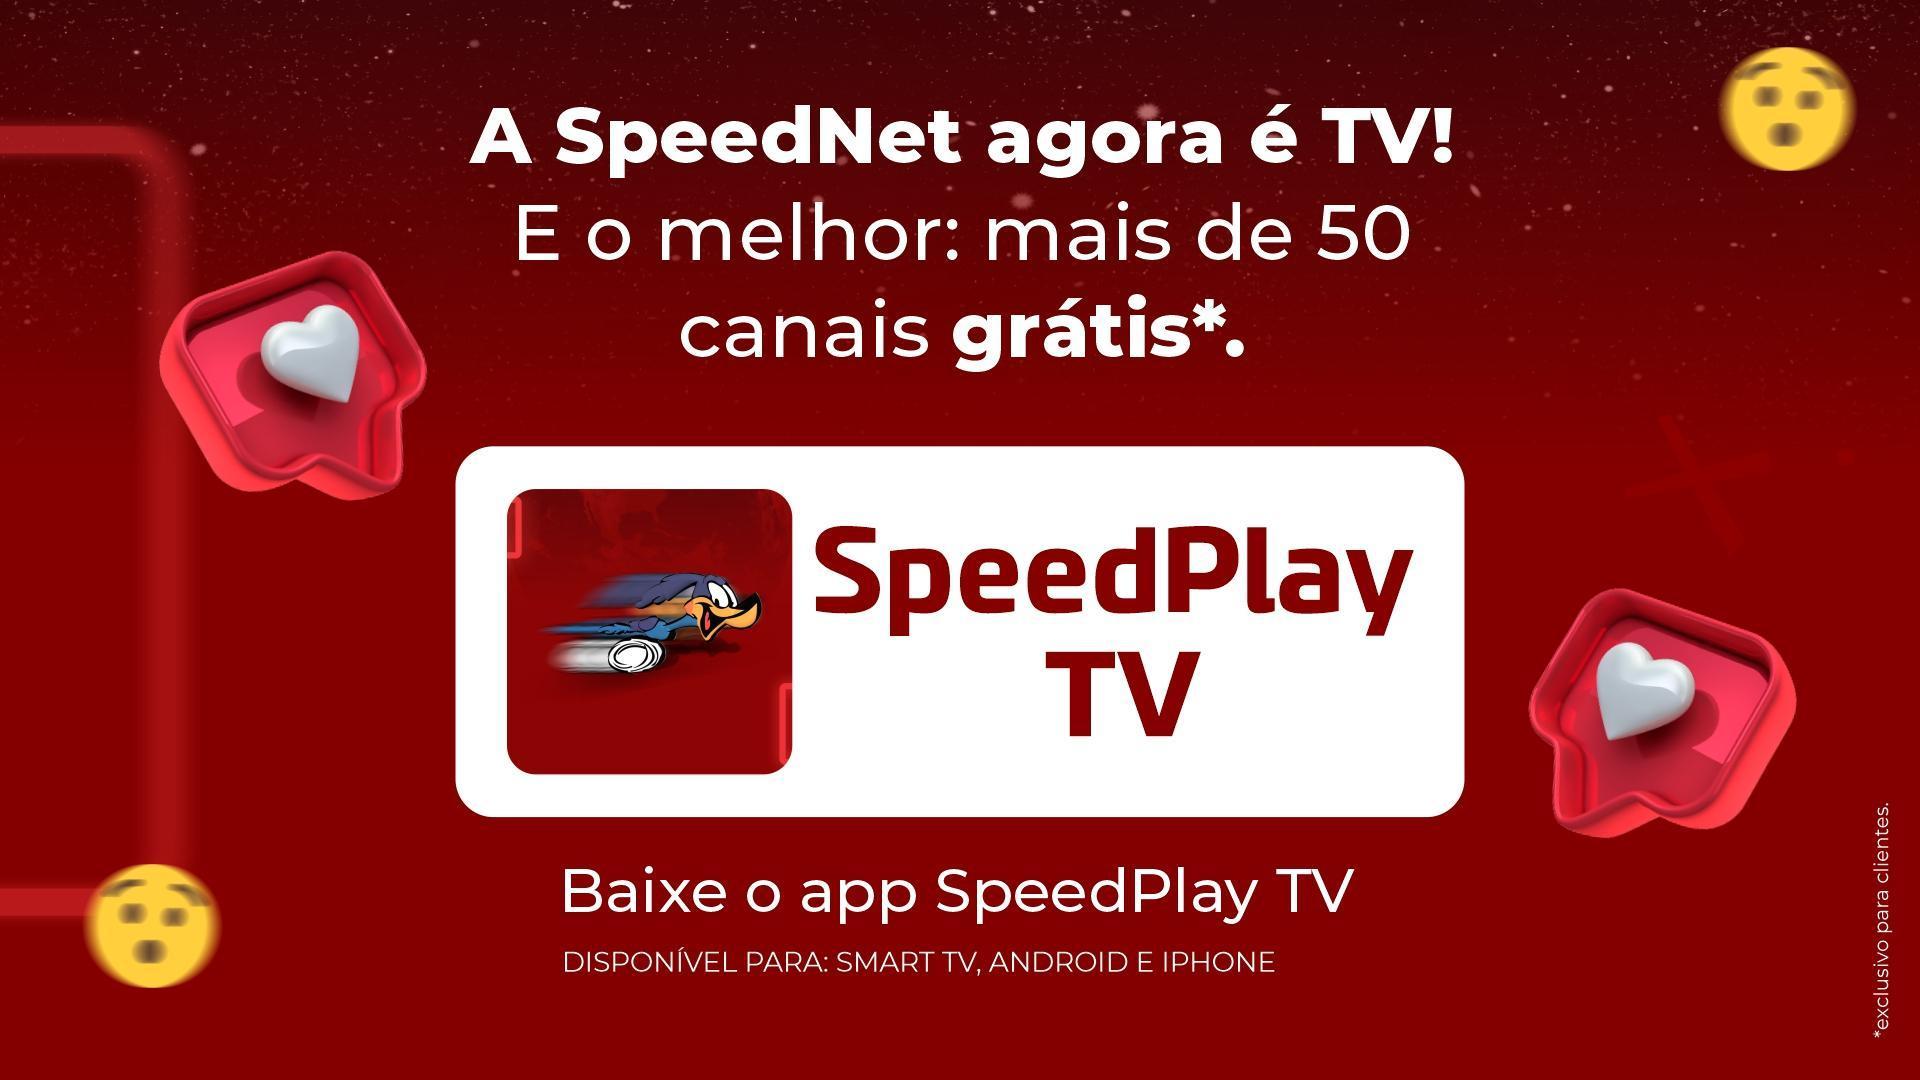 SpeedNetinternet em alta velocidade para seus filmes e seriados, sem travamento.